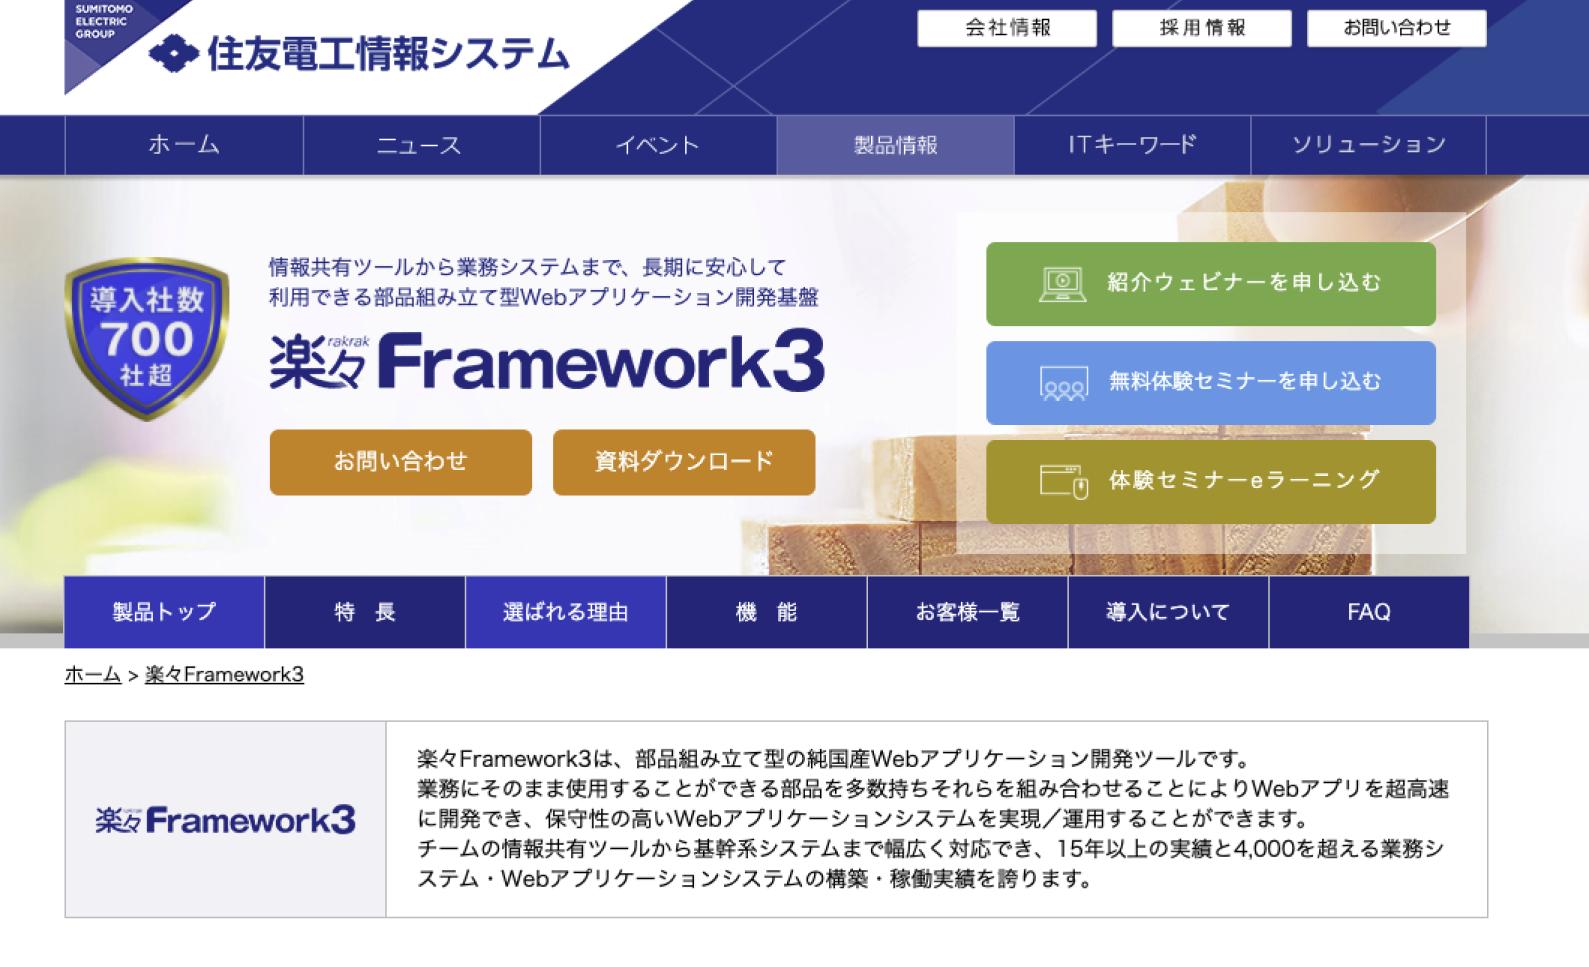 楽々Framework3のランディングページのスクリーンショット